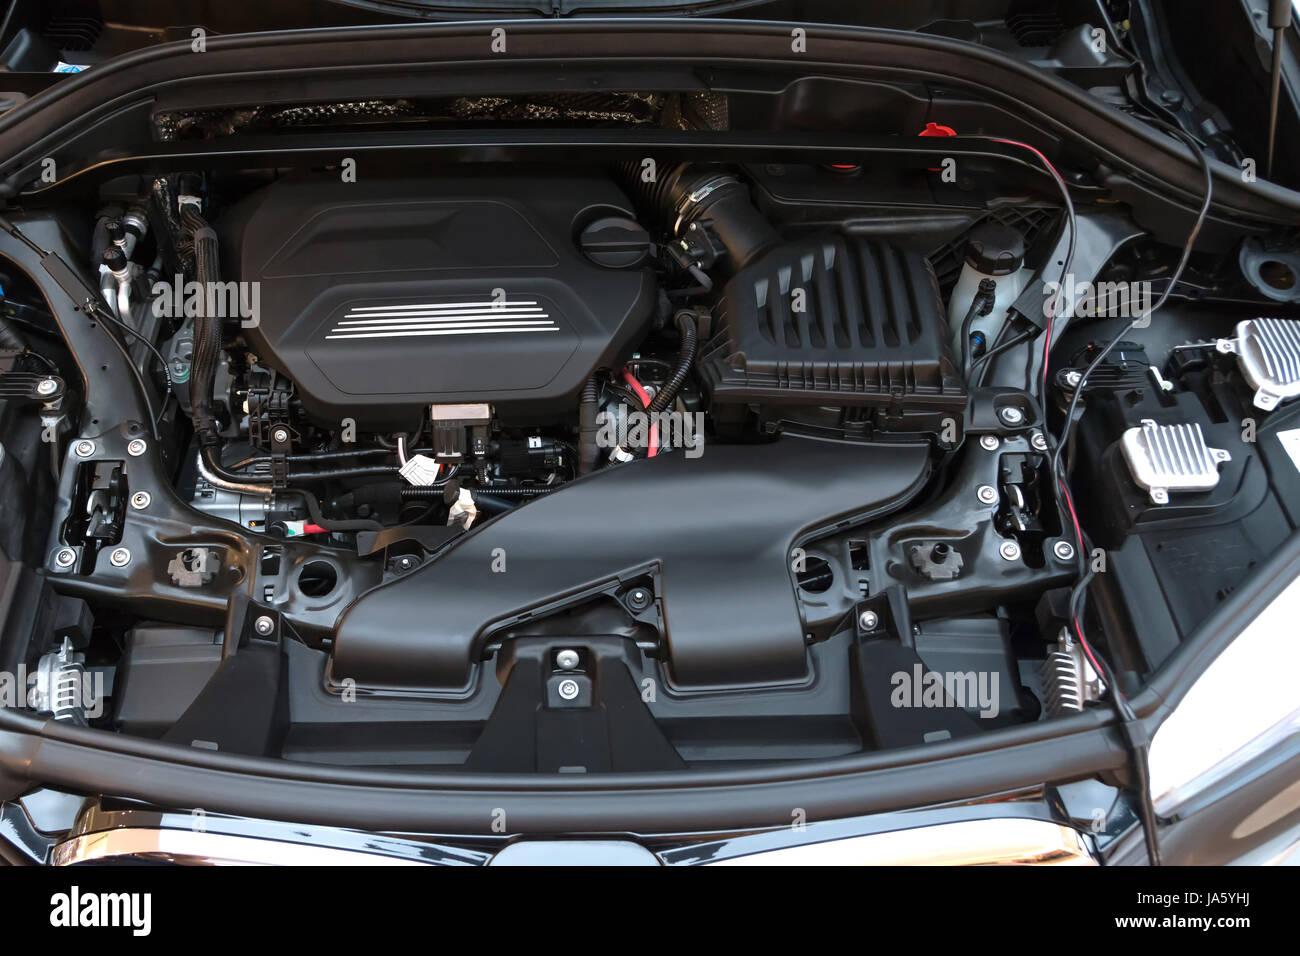 Automobil Industrie Teil des modernen Auto Motor Raum Neumaschine ...